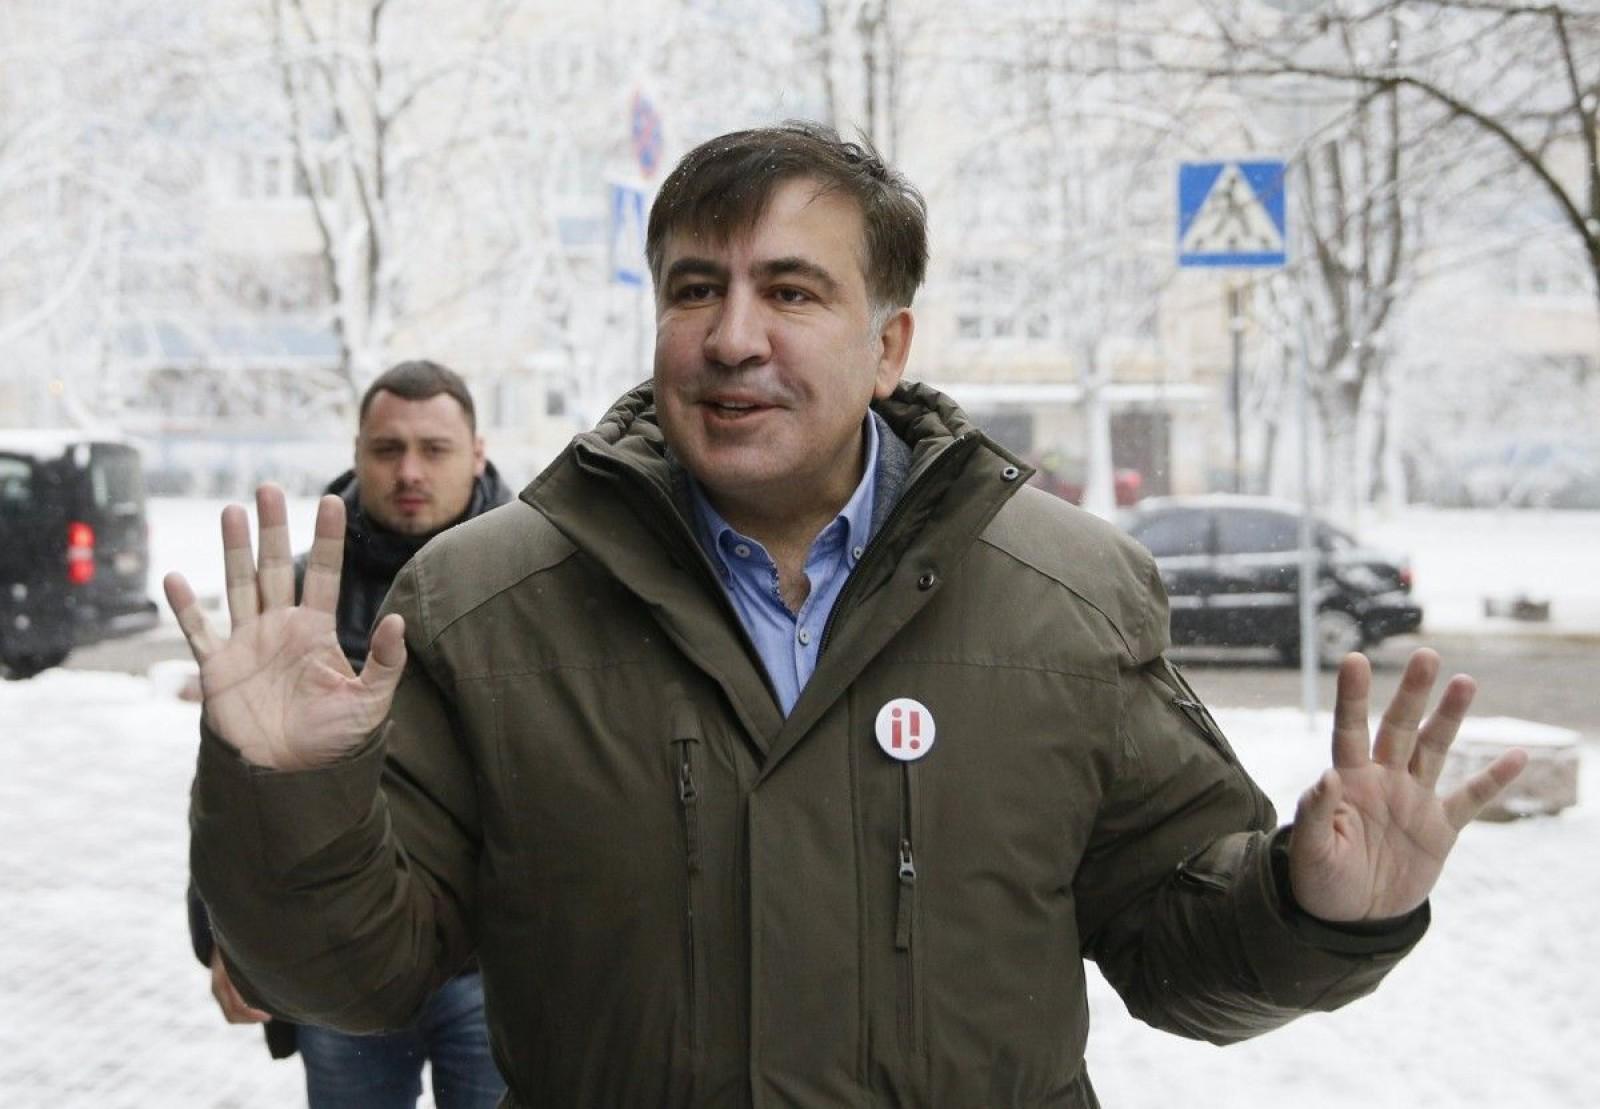 Saakașvili a fost expulzat din Ucraina în Polonia, după ce a fost arestat astăzi de către forțele de ordine